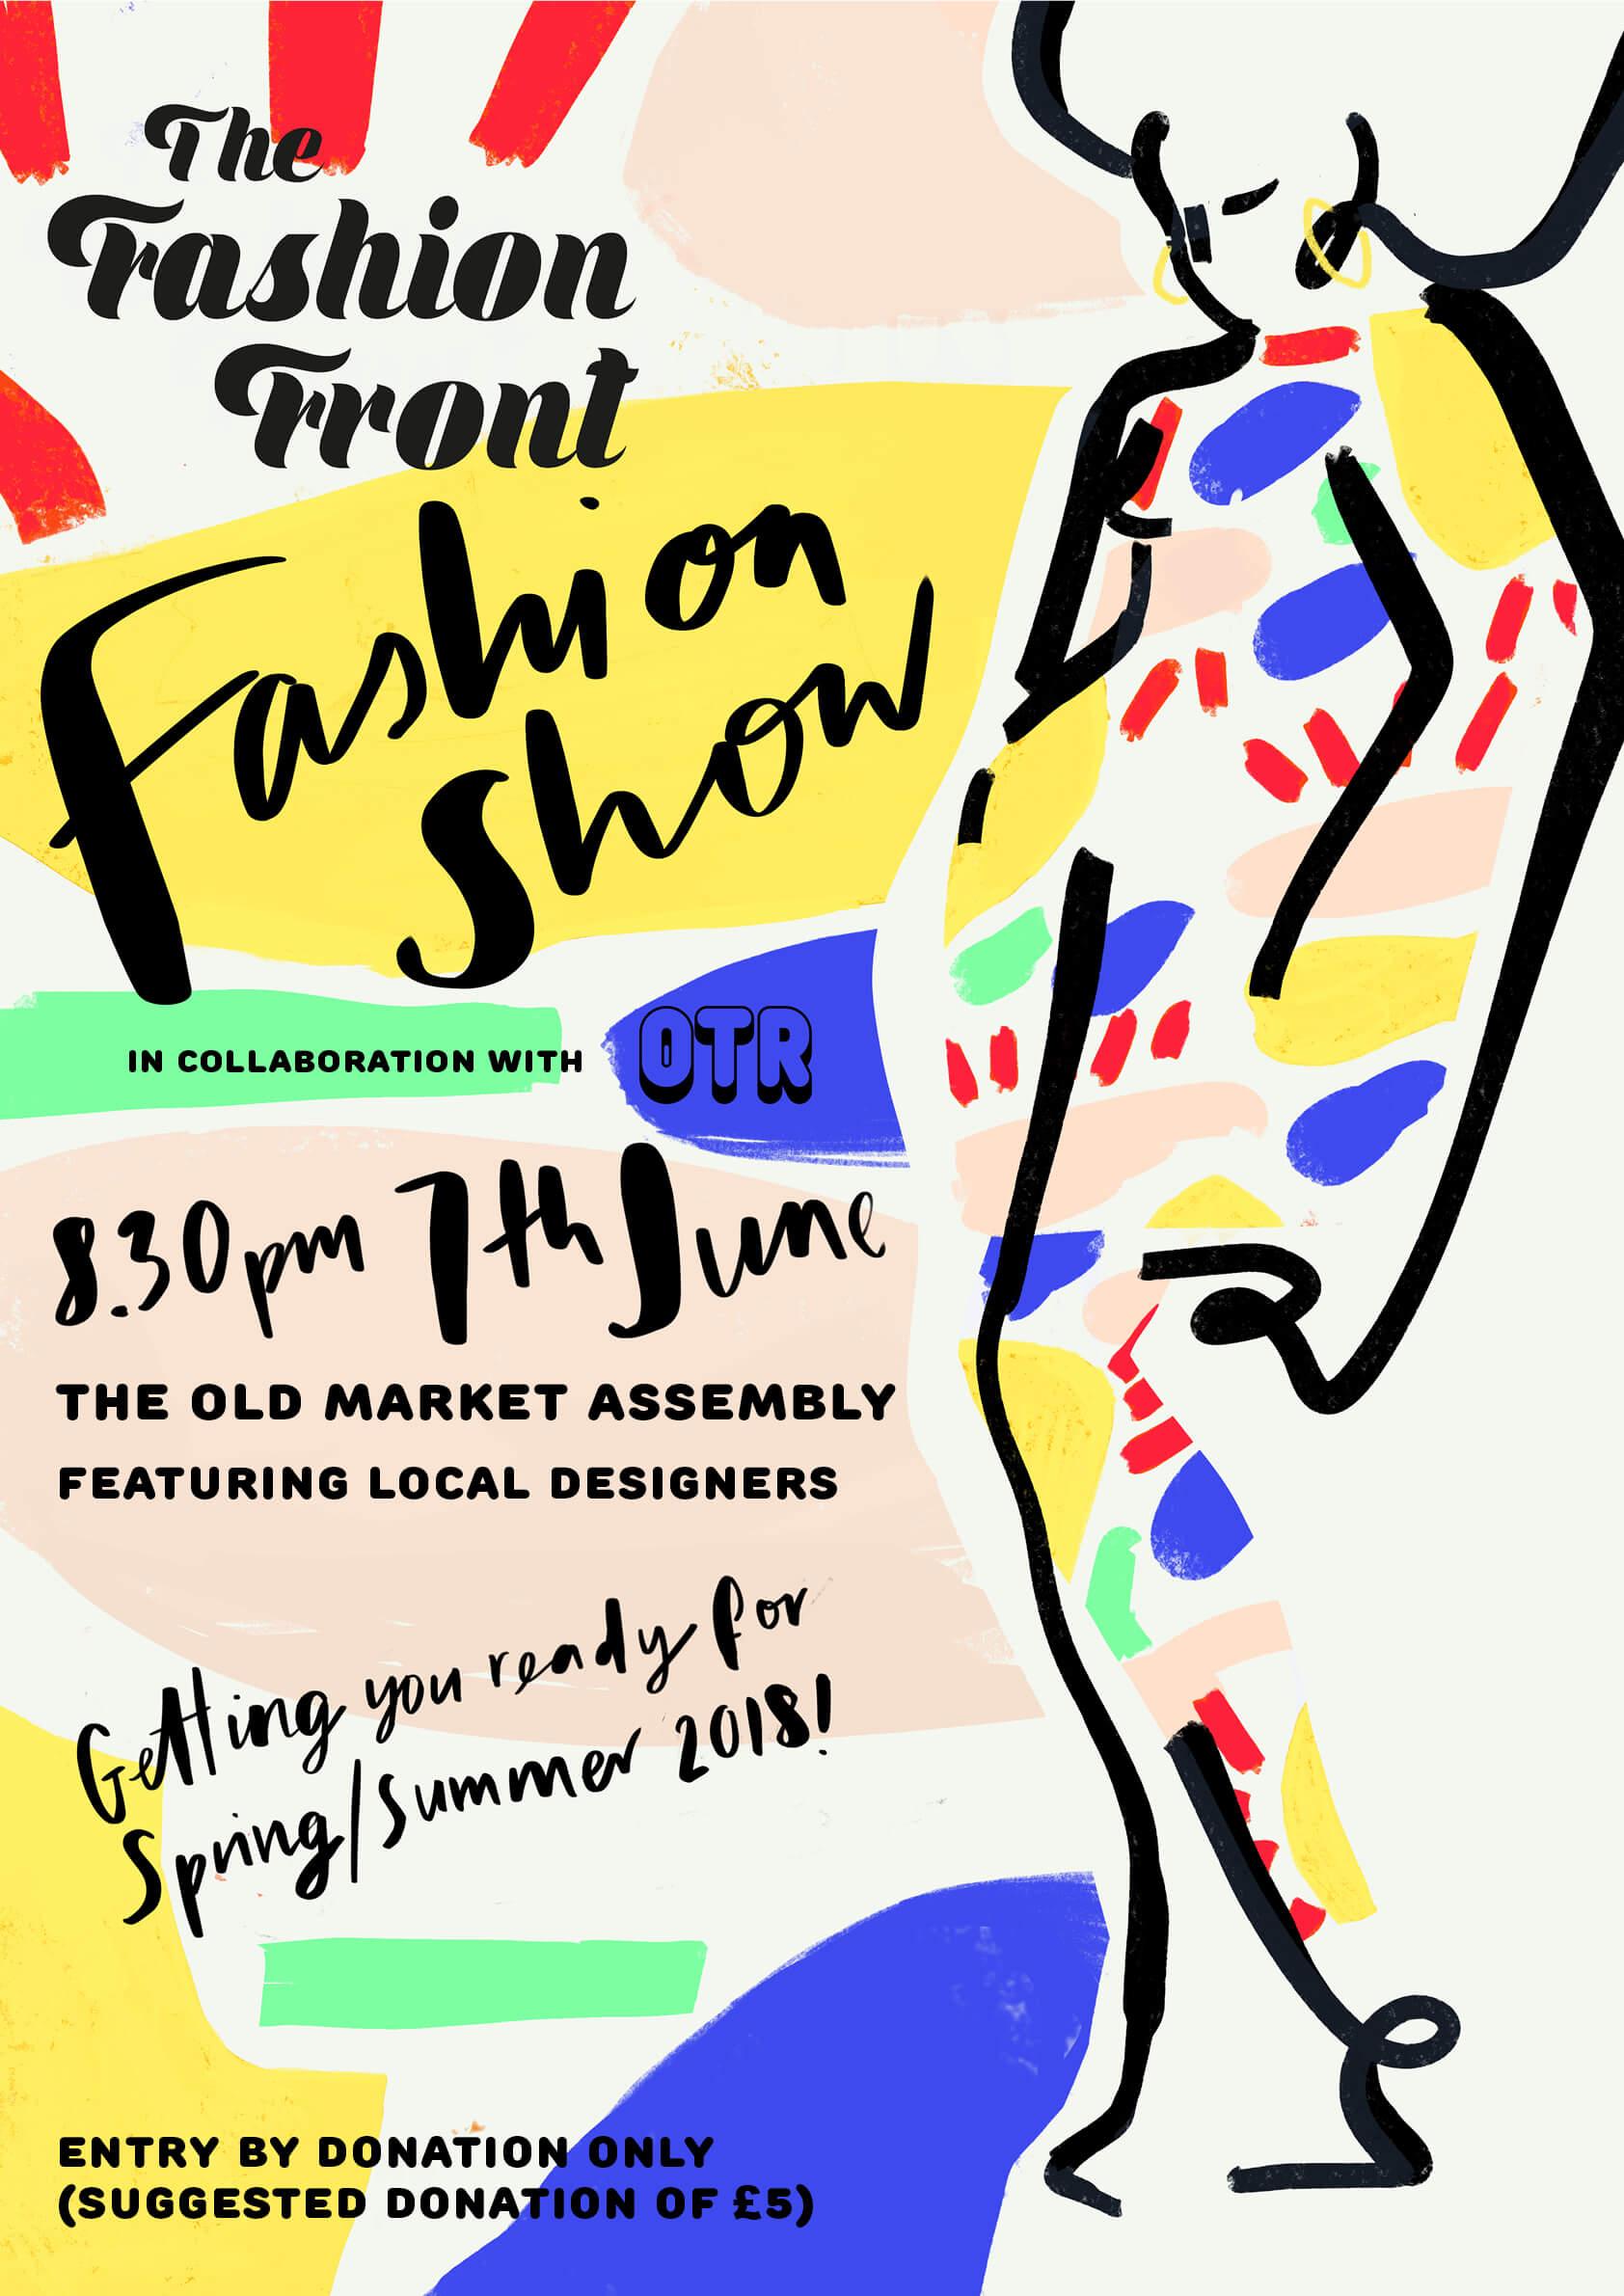 Fashion Show Poster 2018 Kokomo Design